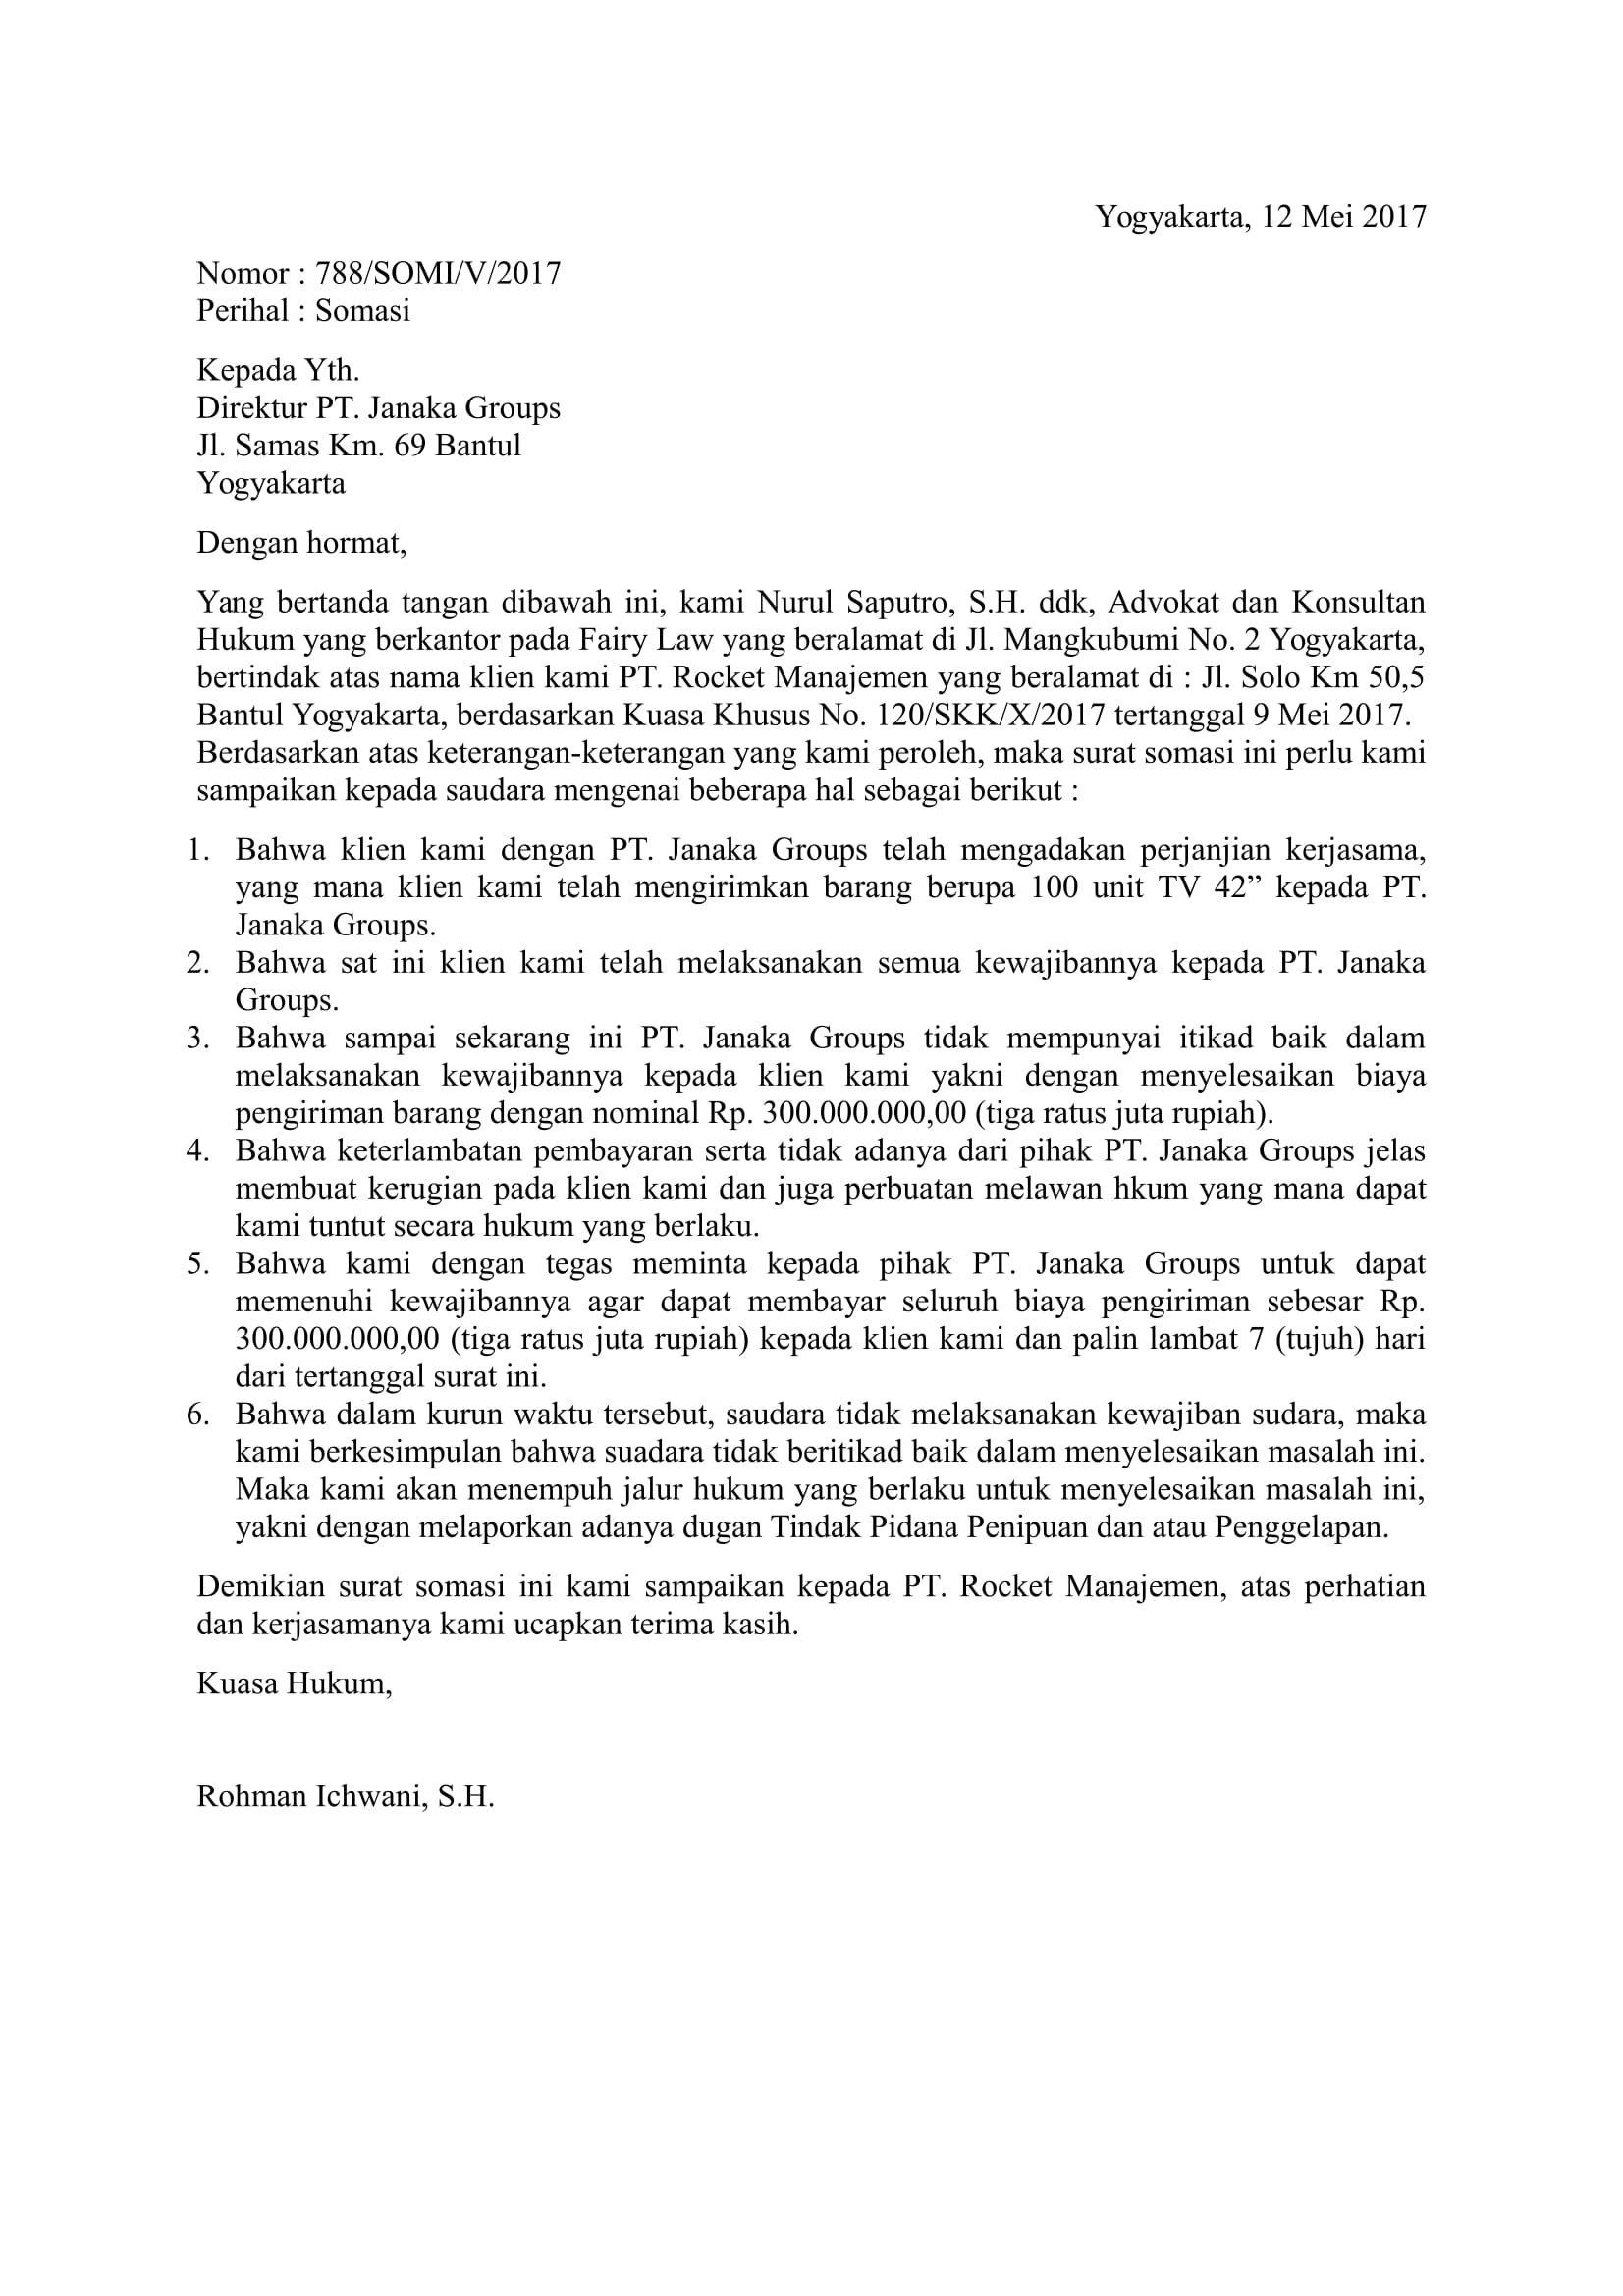 Contoh Surat Somasi Hutang Pribadi Surat Gambar Tanda